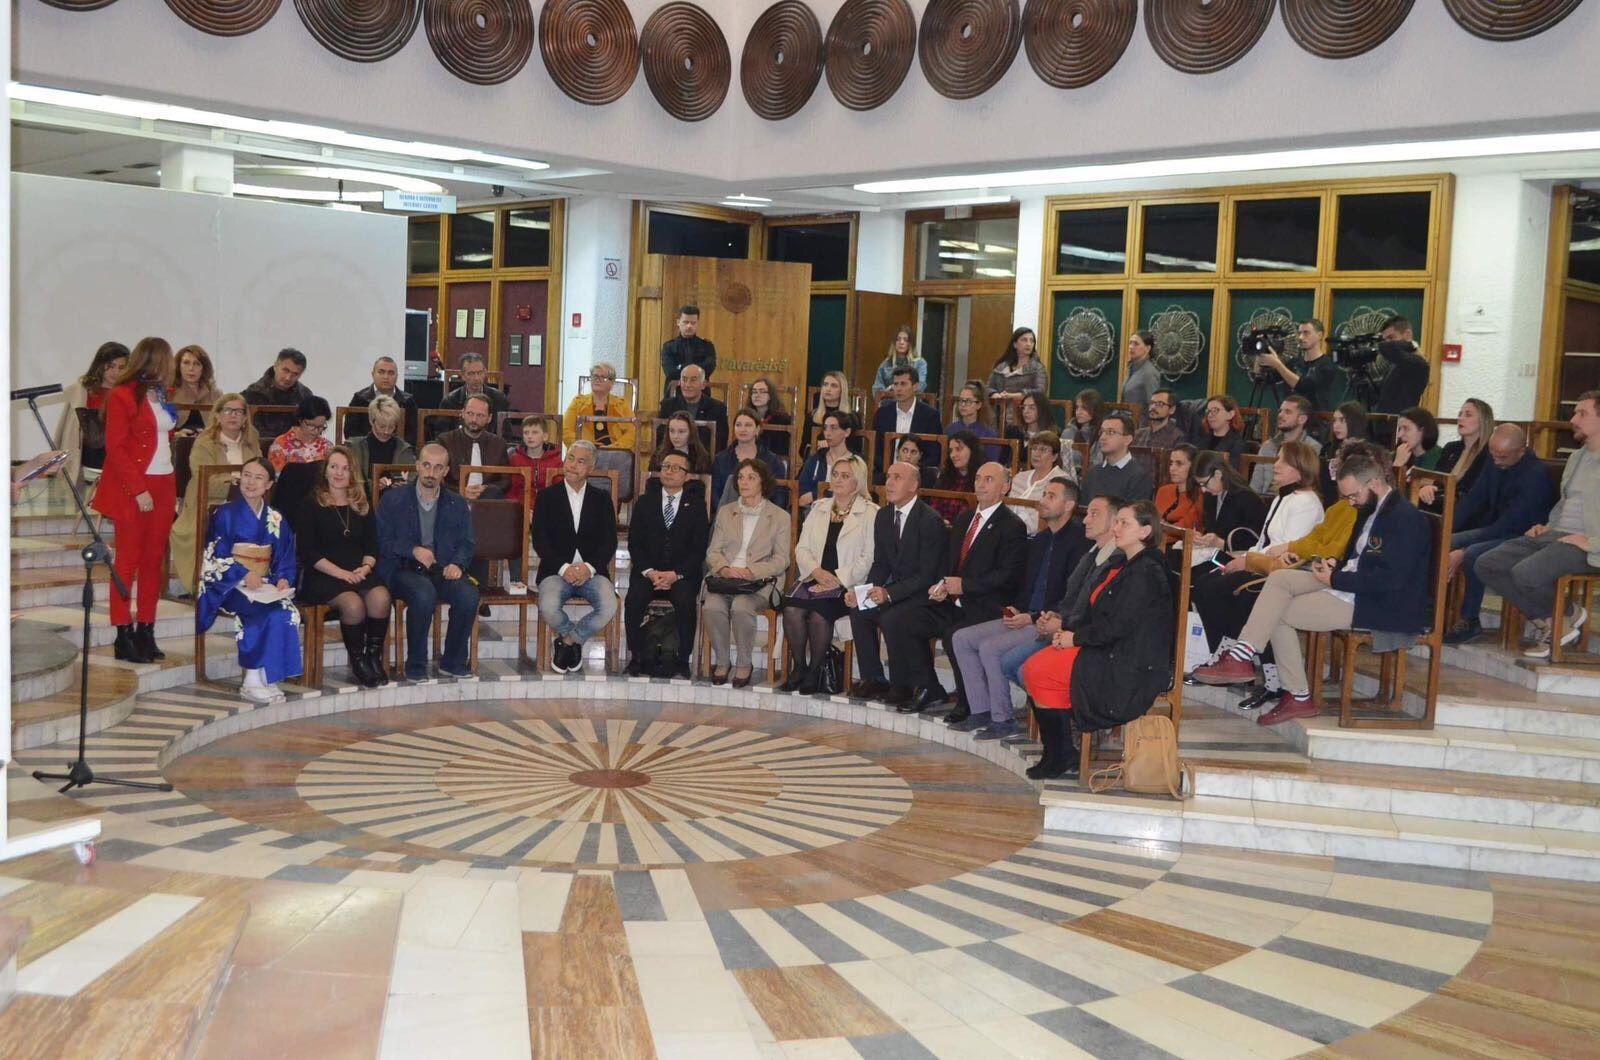 Zëvendësministrja Leonora Morina Bunjaku mori pjesë në hapjen e ekspozitës së Kimonës